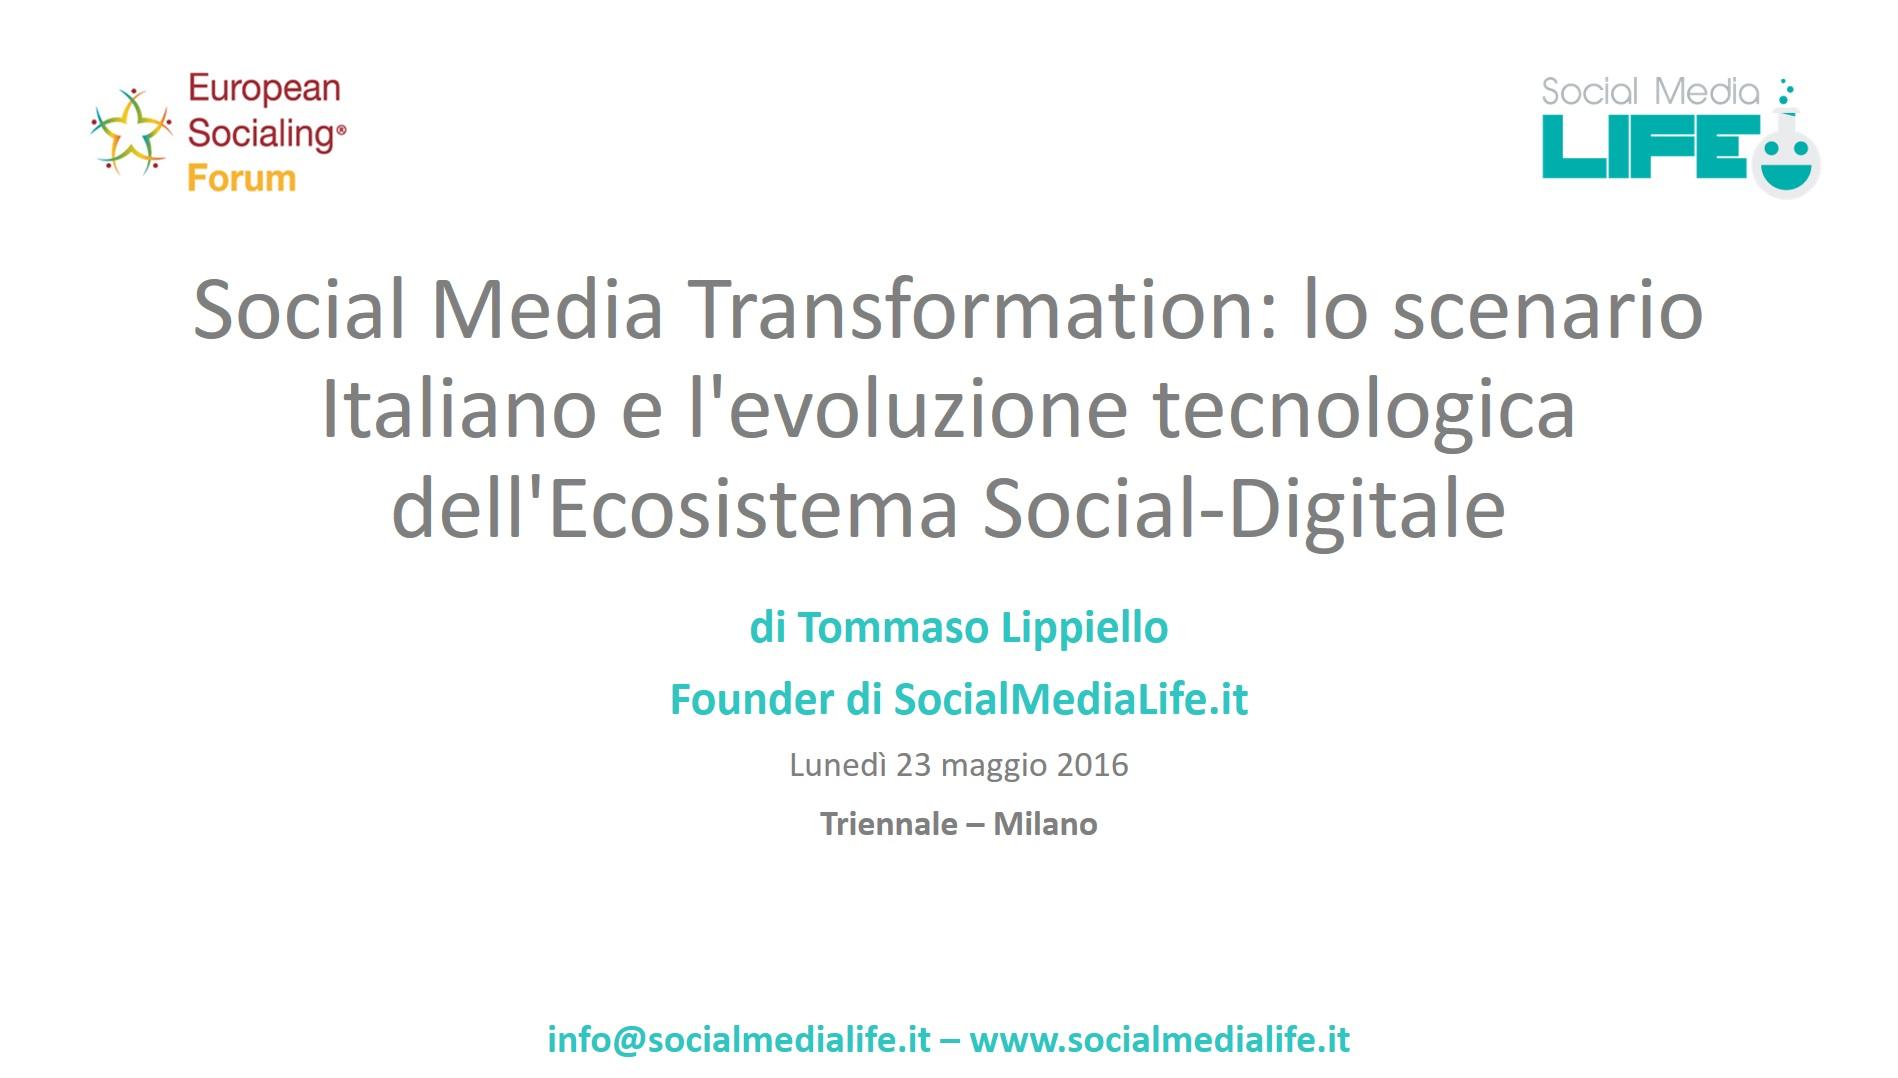 Social Media Transformation